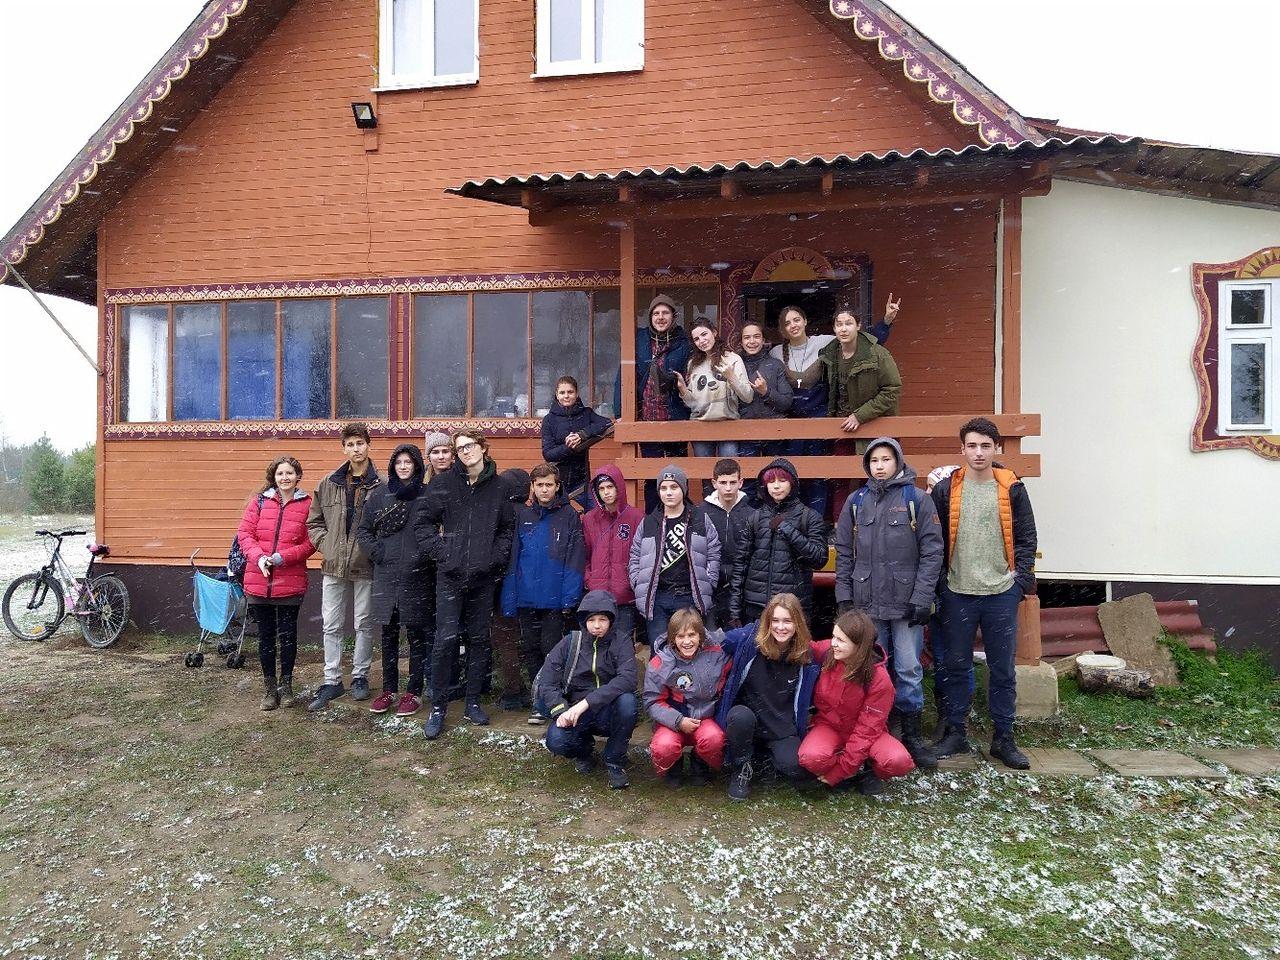 Межпоселенческий проект подростков в поселении Ковчег (1).jpg